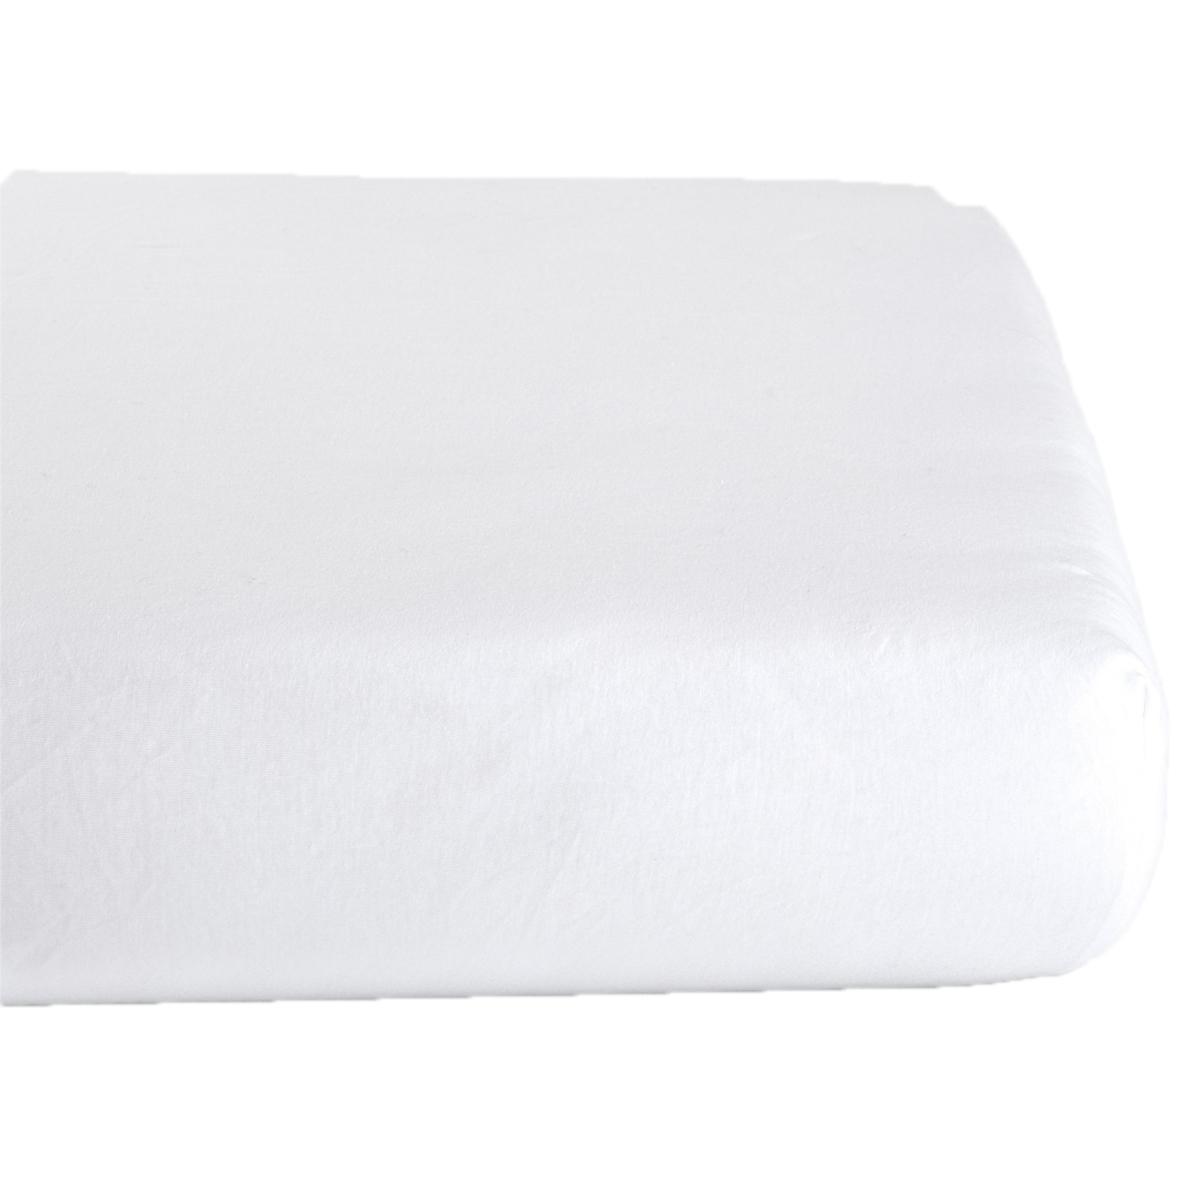 Linge de lit Drap Housse en Coton Bio Blanc - 70 x 140 cm Drap Housse en Coton Bio Blanc - 70 x 140 cm